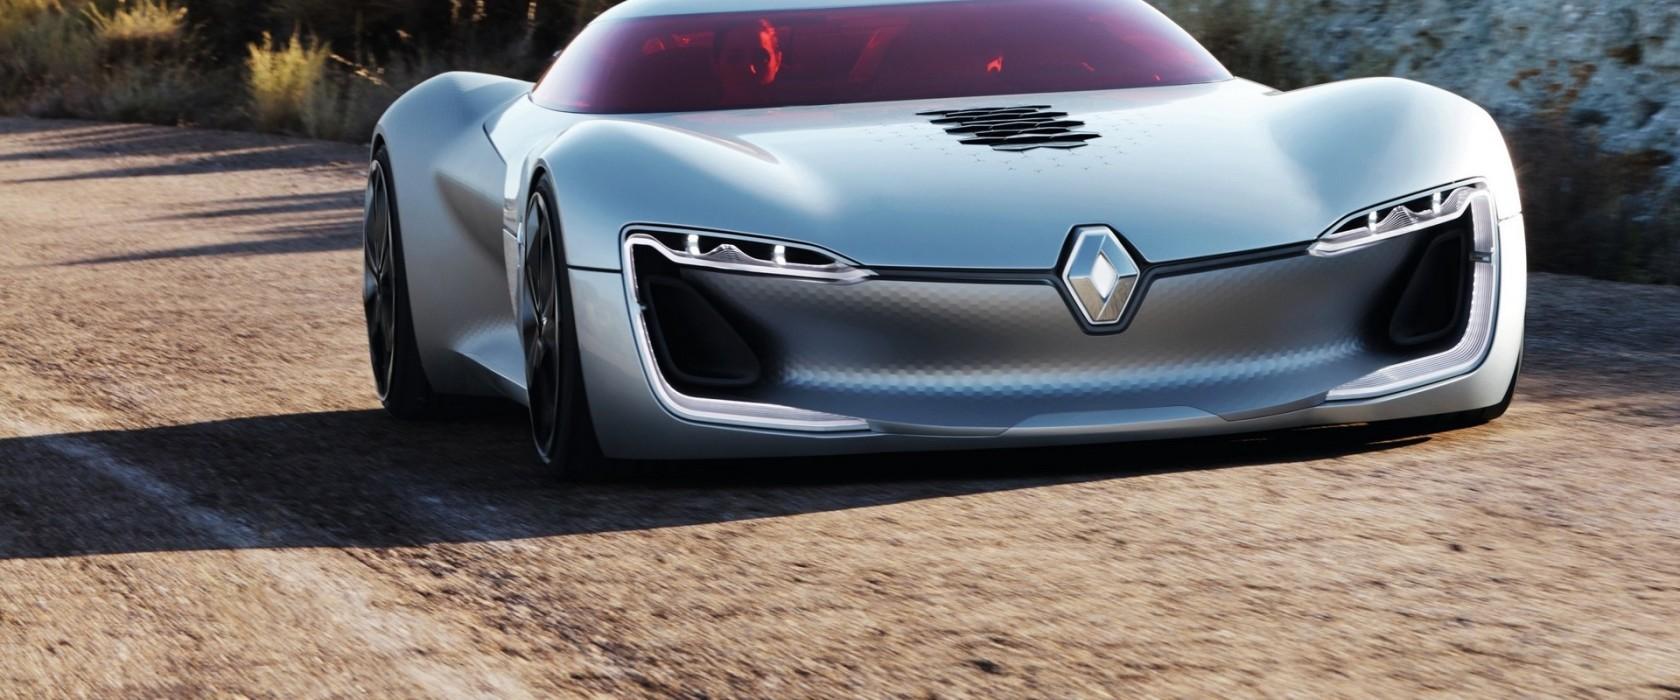 Renault_Trezor_00003